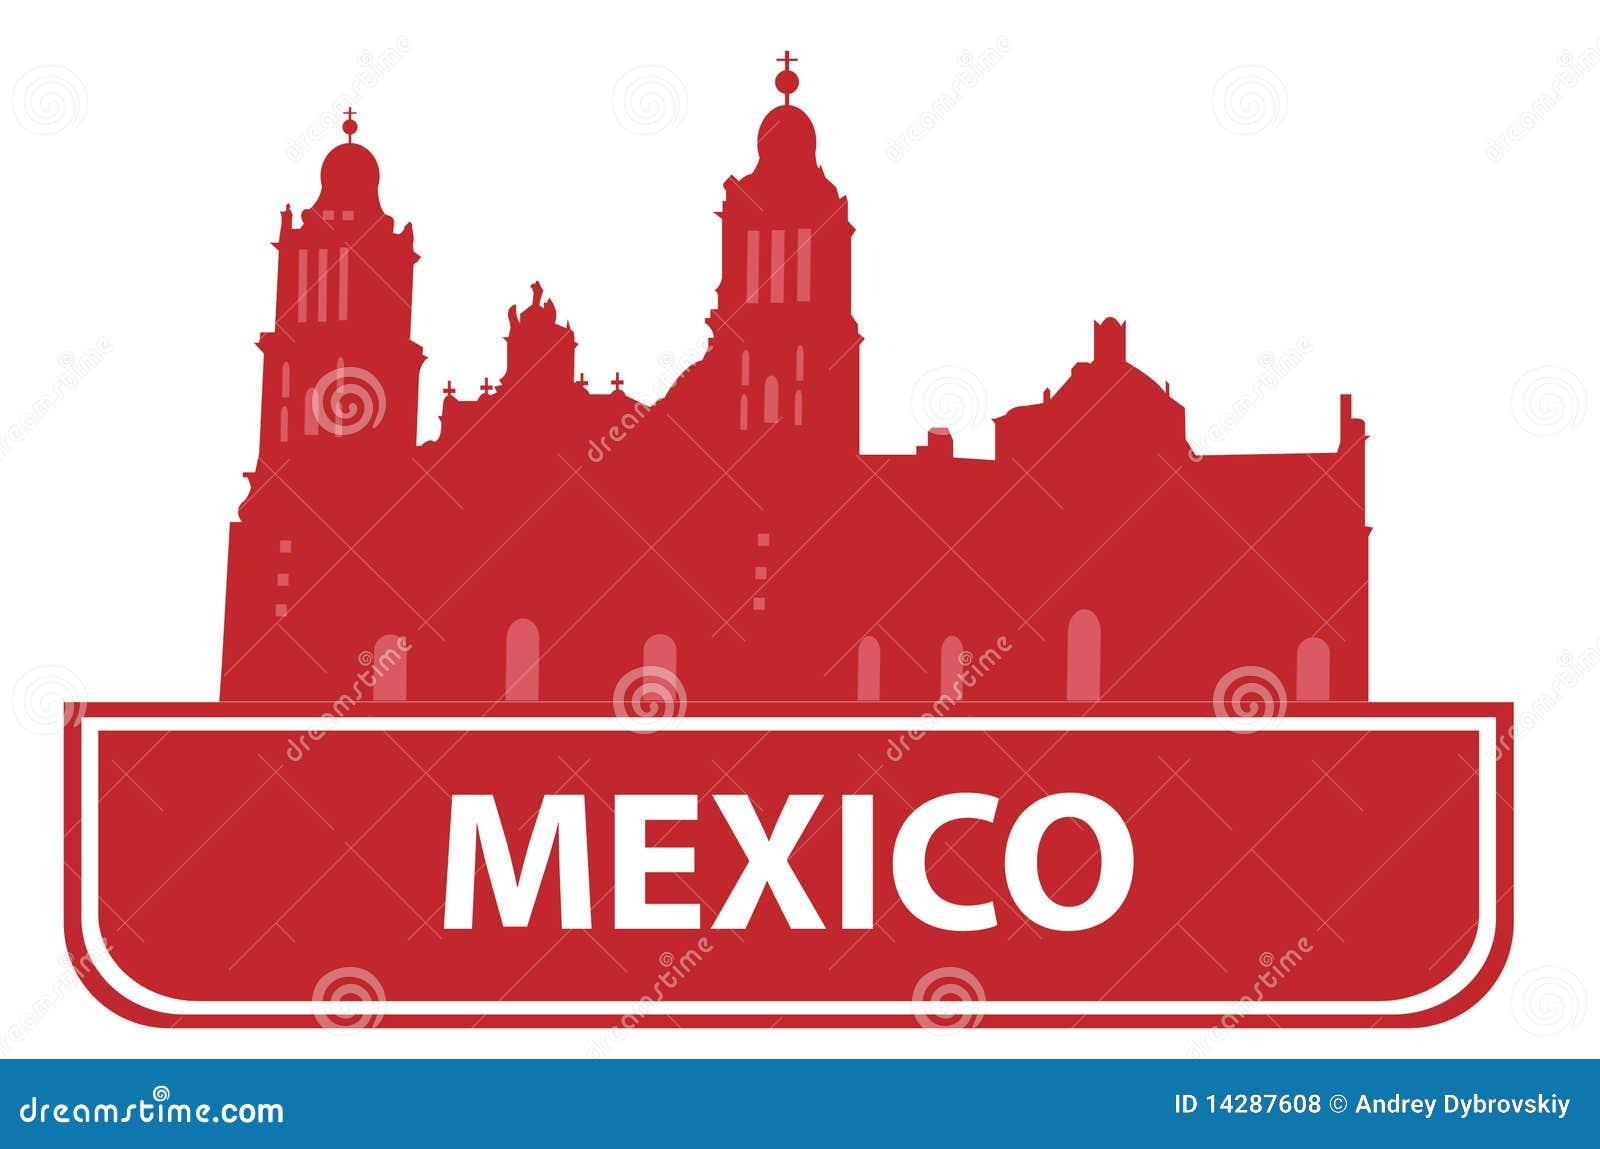 墨西哥分级显示